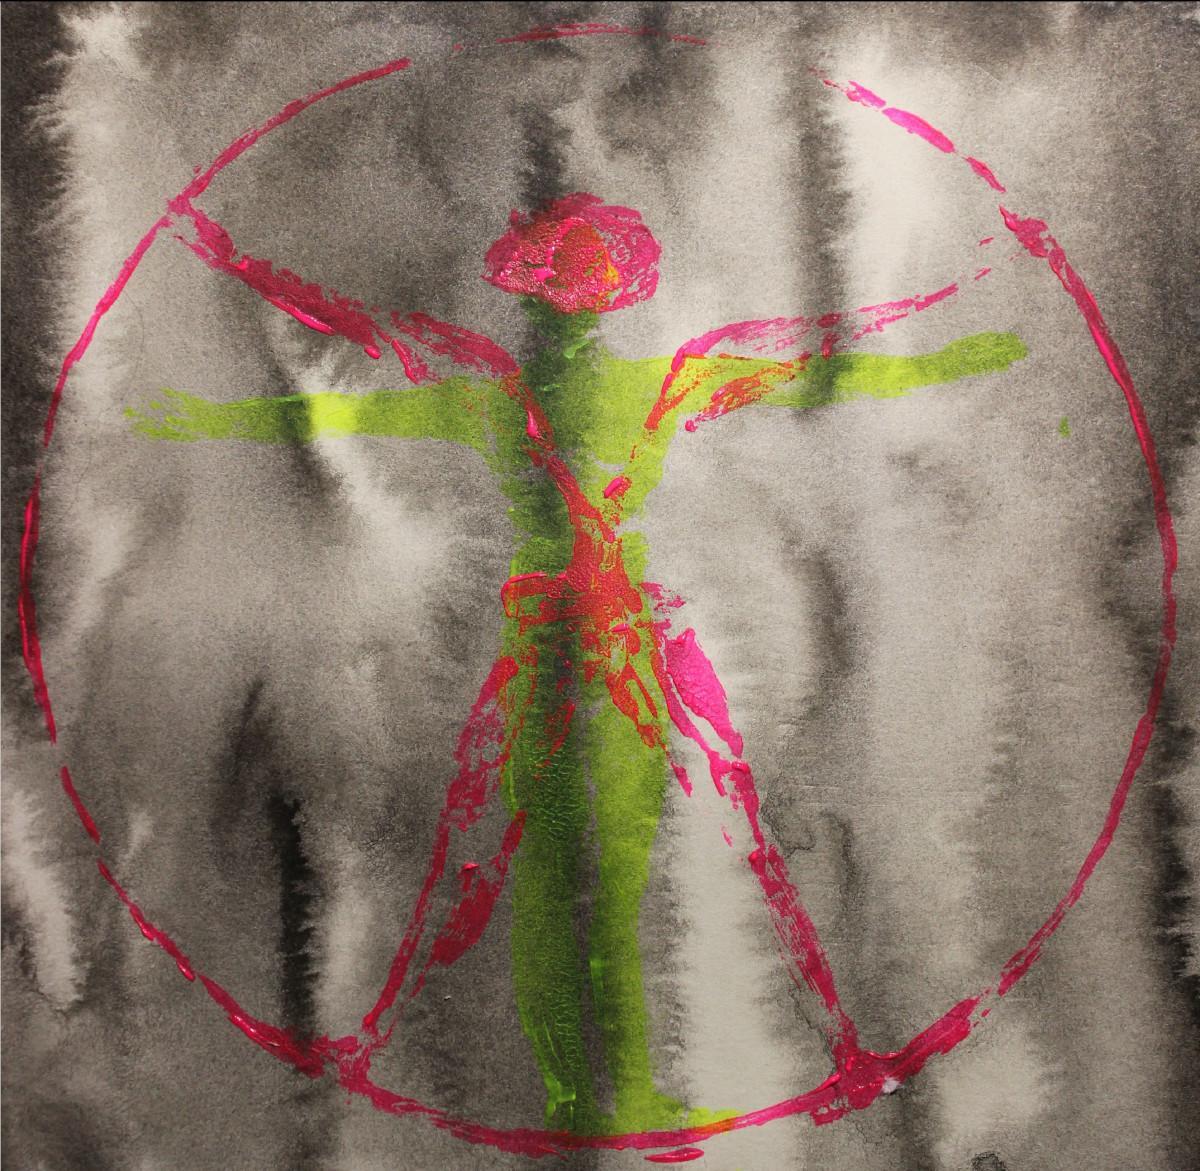 dystopia is fun cover art: zwei Menschen in einem Kreis.